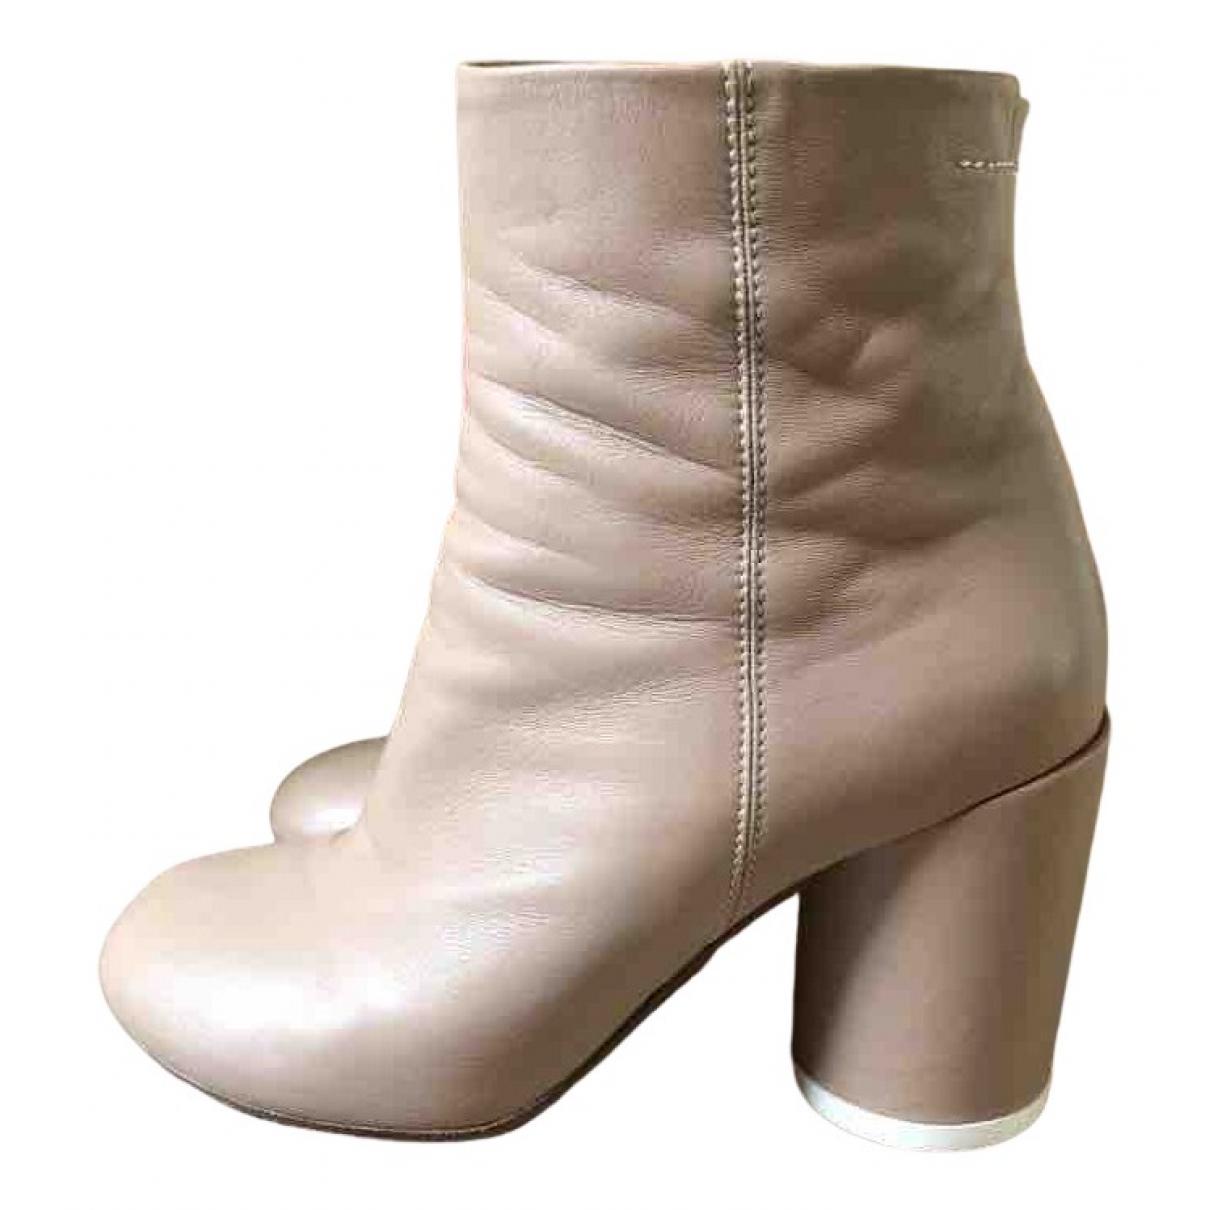 Mm6 - Boots   pour femme en cuir - ecru